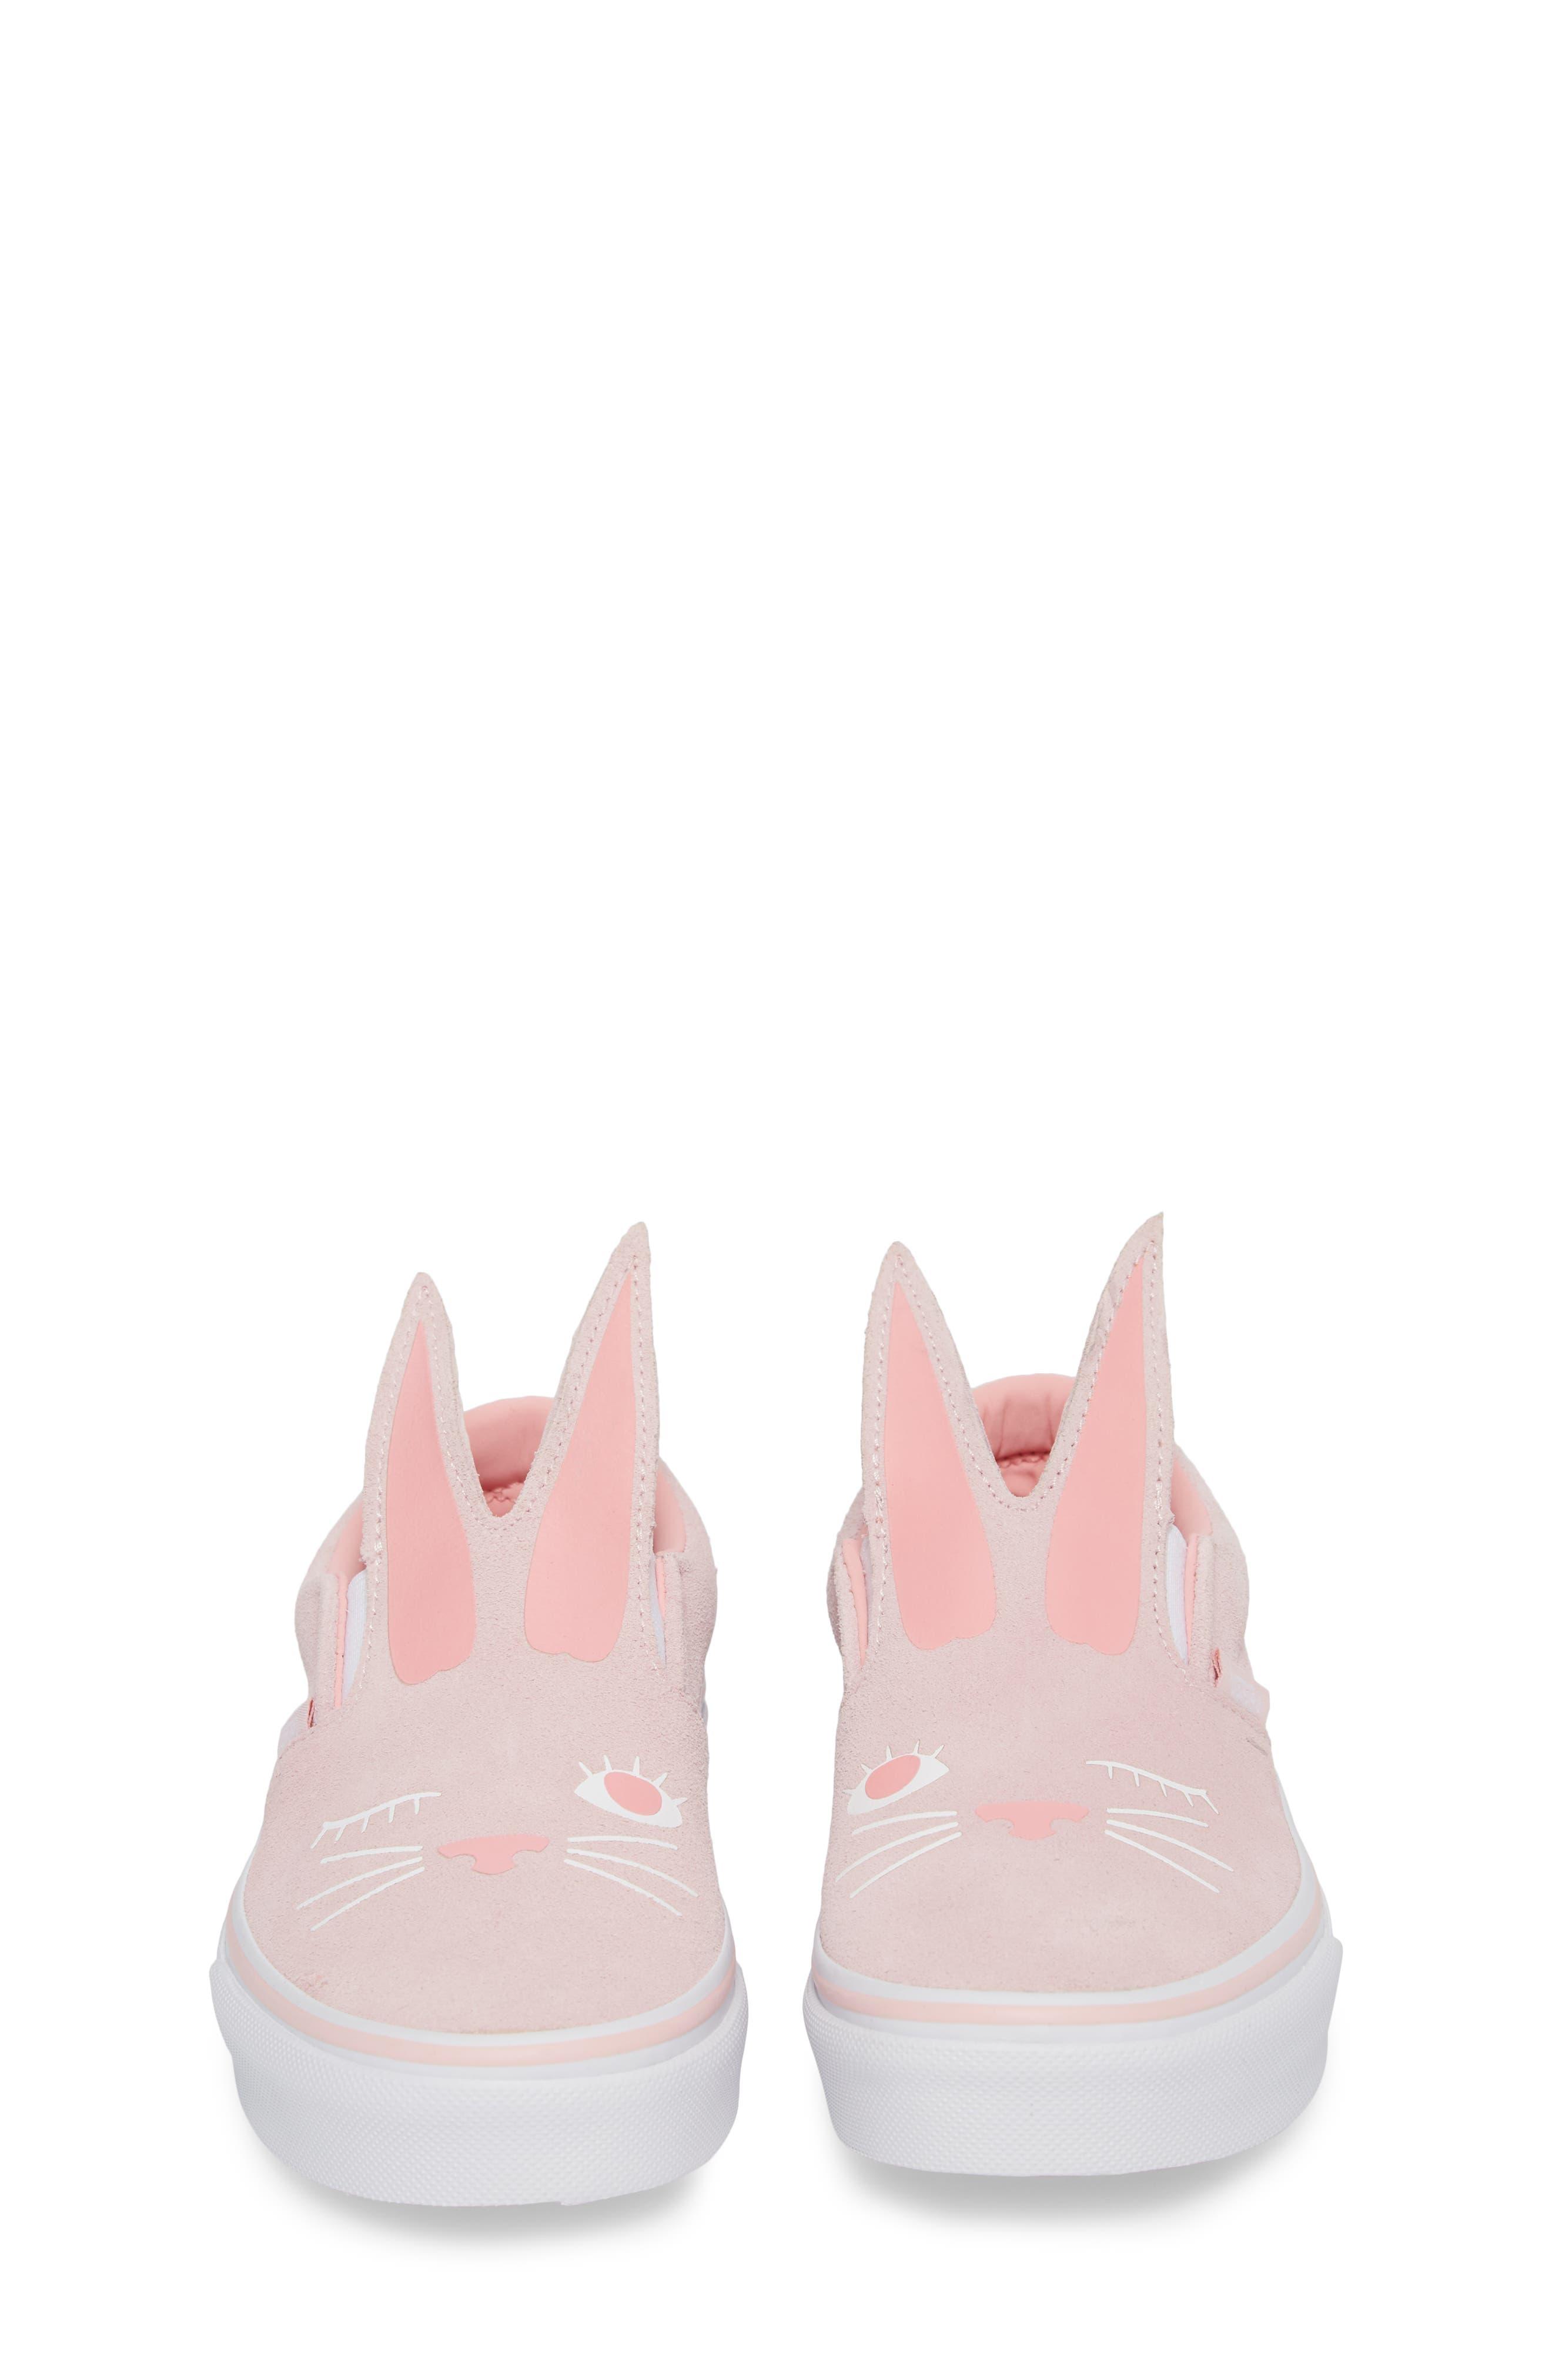 Slip-On Bunny Sneaker,                             Alternate thumbnail 5, color,                             Chalk Pink/ True White